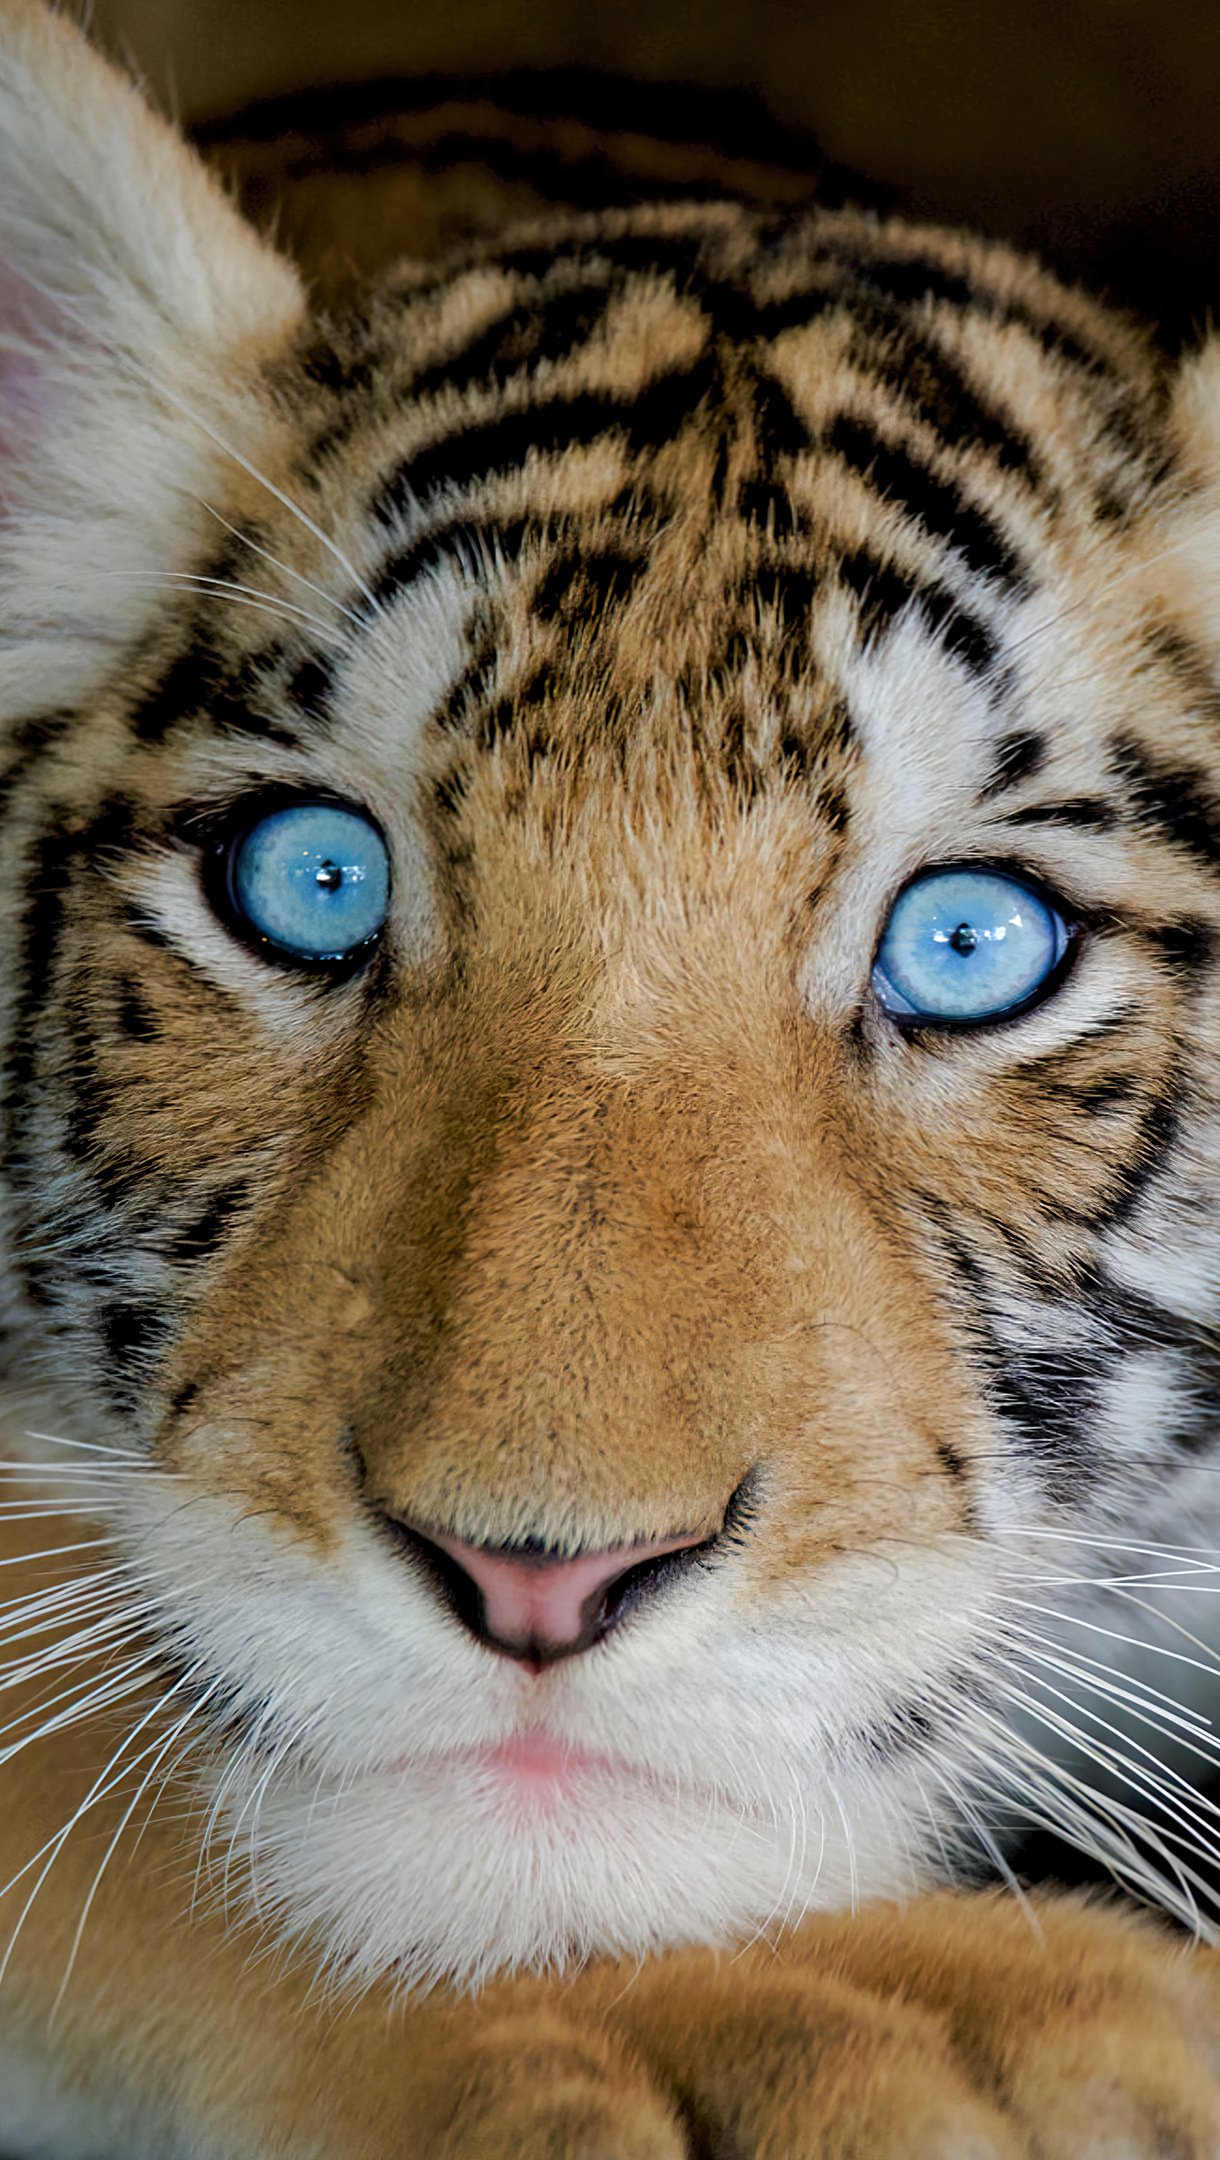 Fondos de pantalla Tigre con ojos azules Vertical